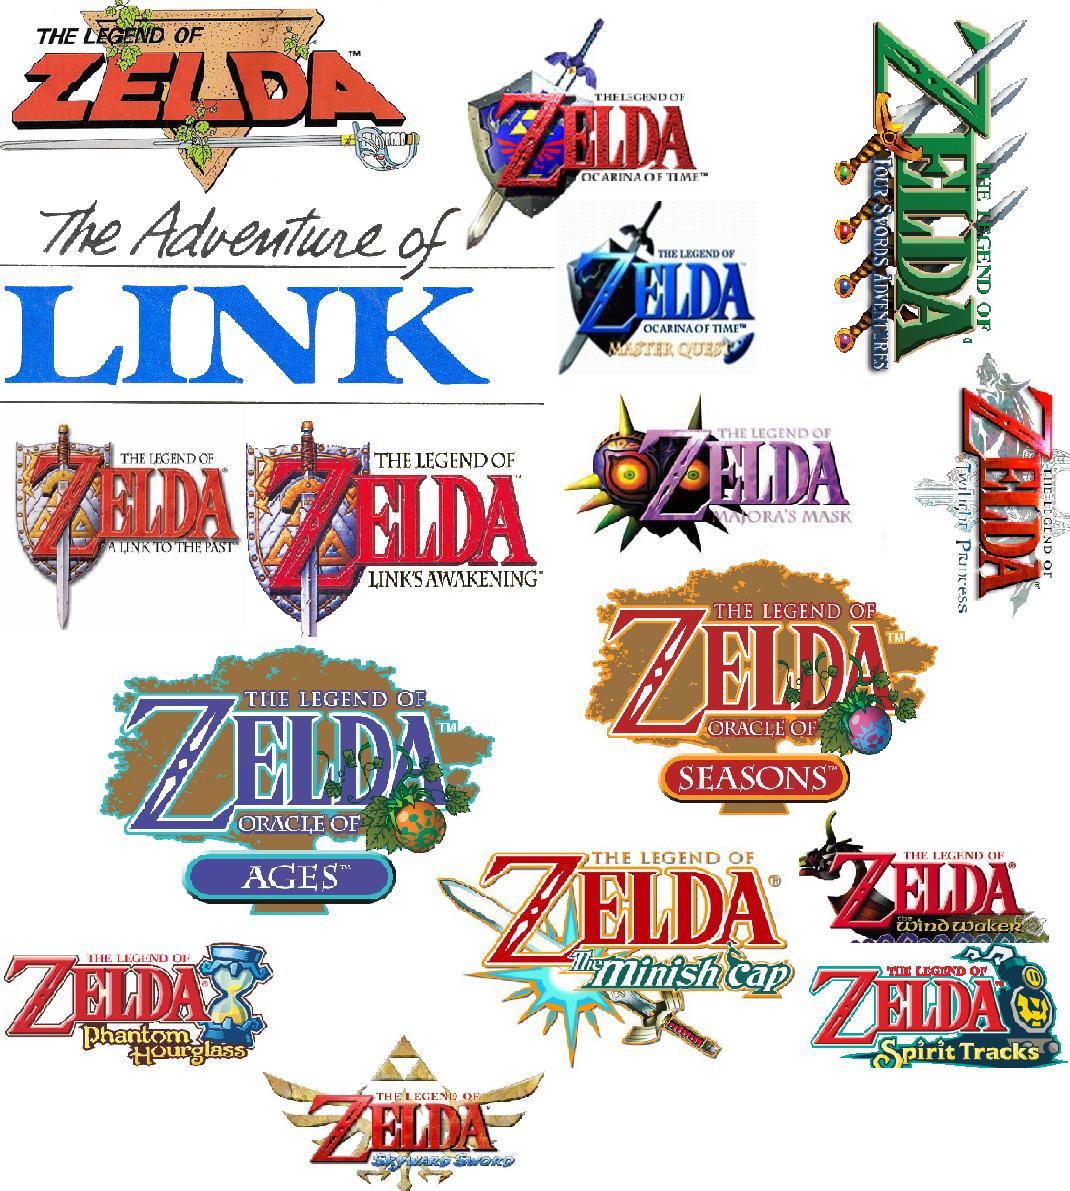 Wallpapers) Pack de imagens : Legend of Zelda : Ocarina Of Time